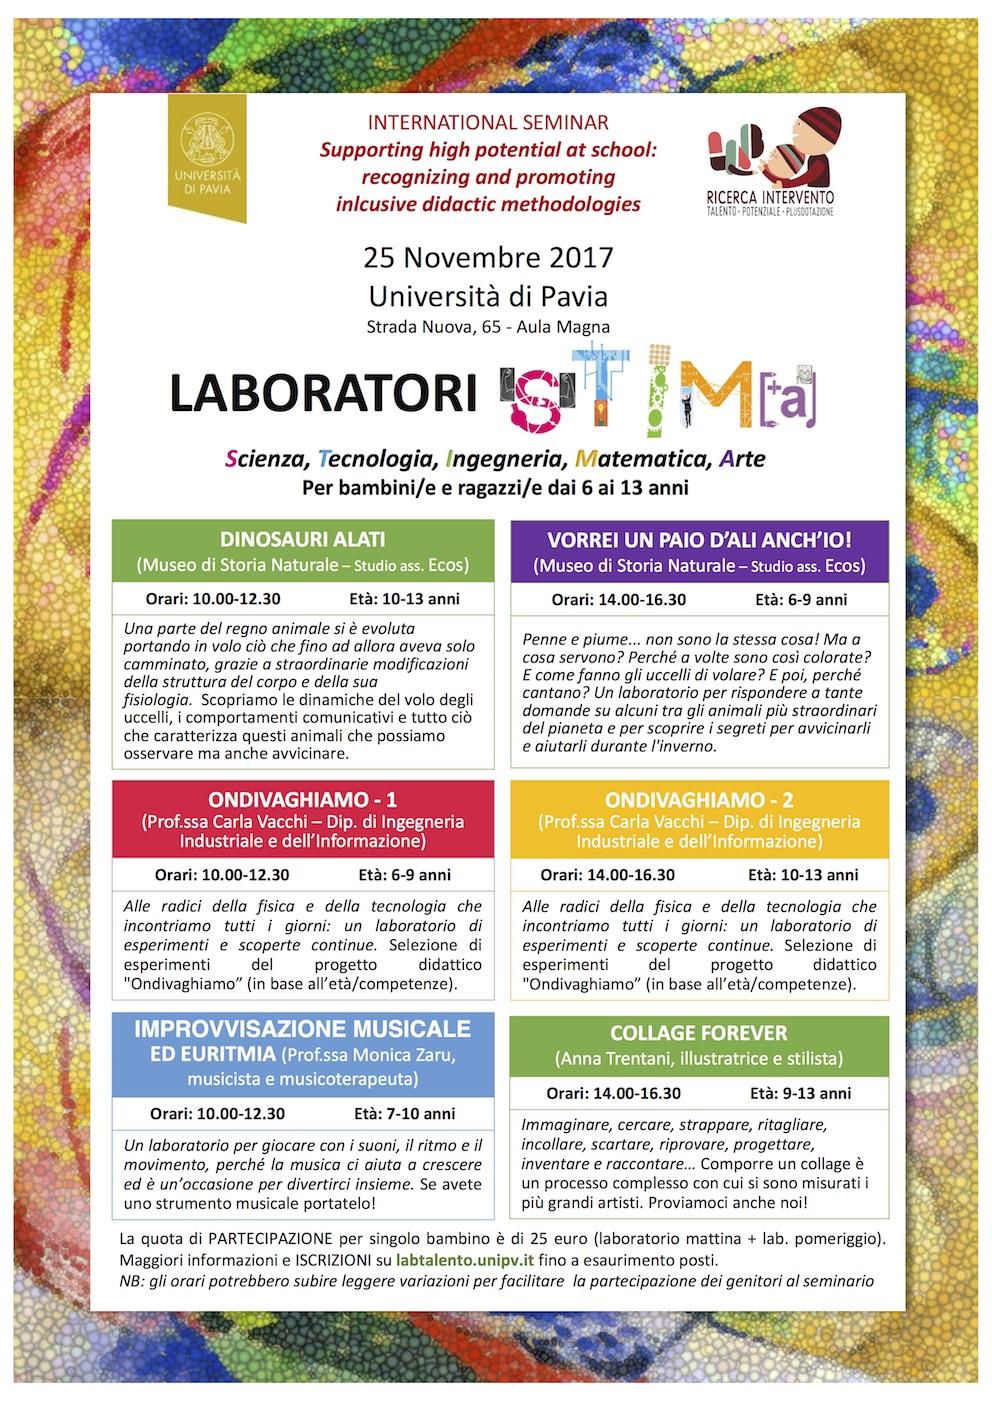 Locandina 25.11.2017 Laboratori STIMA